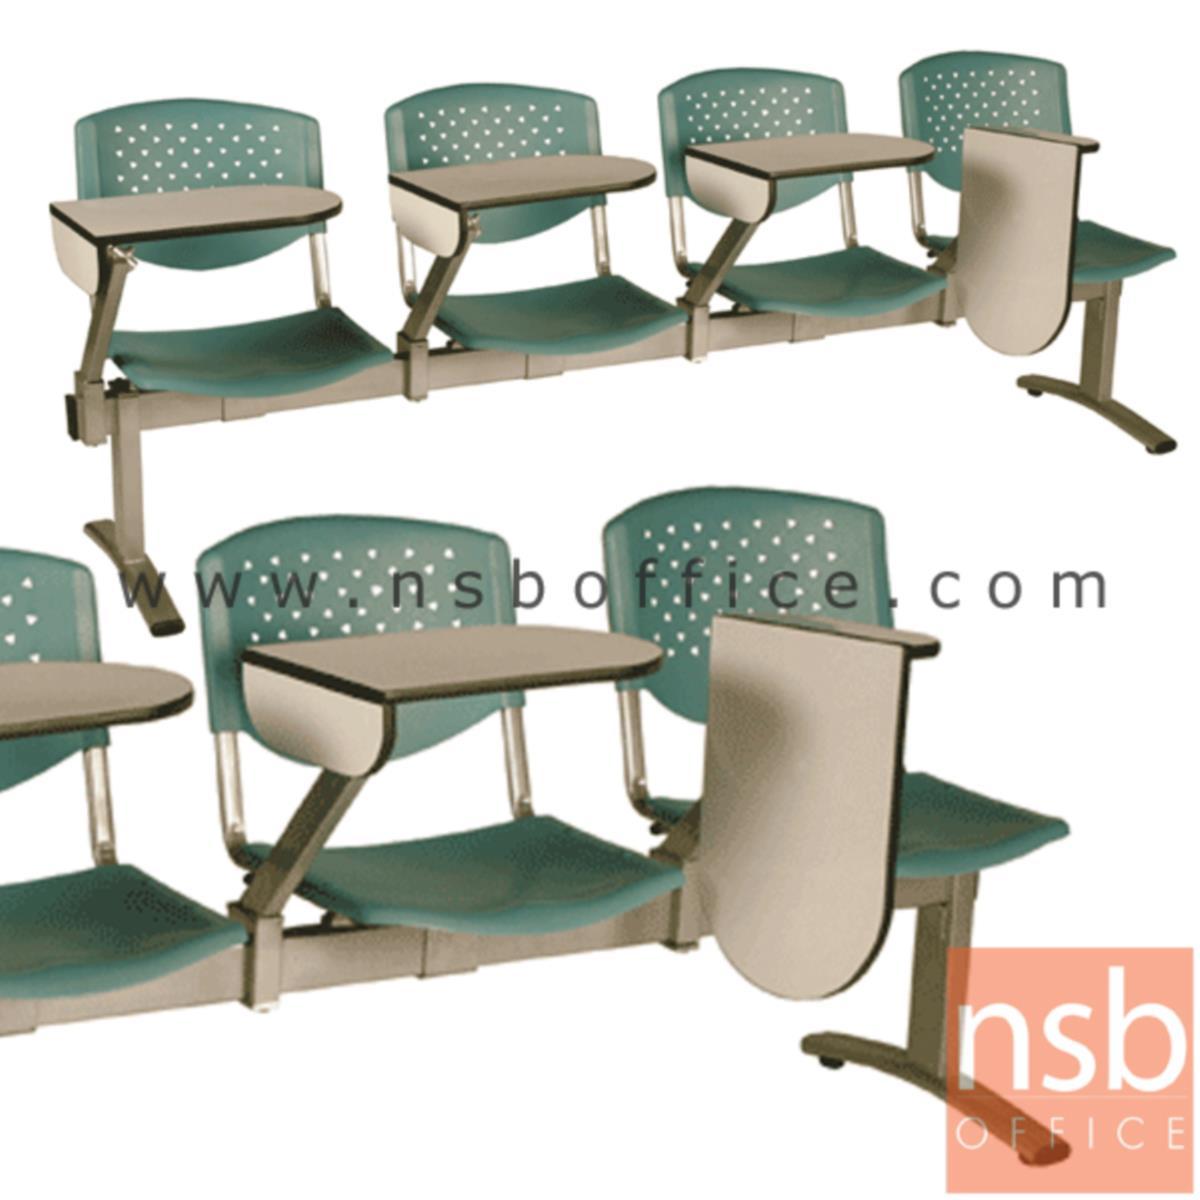 B17A020:เก้าอี้เลคเชอร์แถวเฟรมโพลี่ รุ่น D246 2 ,3 และ 4 ที่นั่ง ขาเหล็กพ่นสีเทา